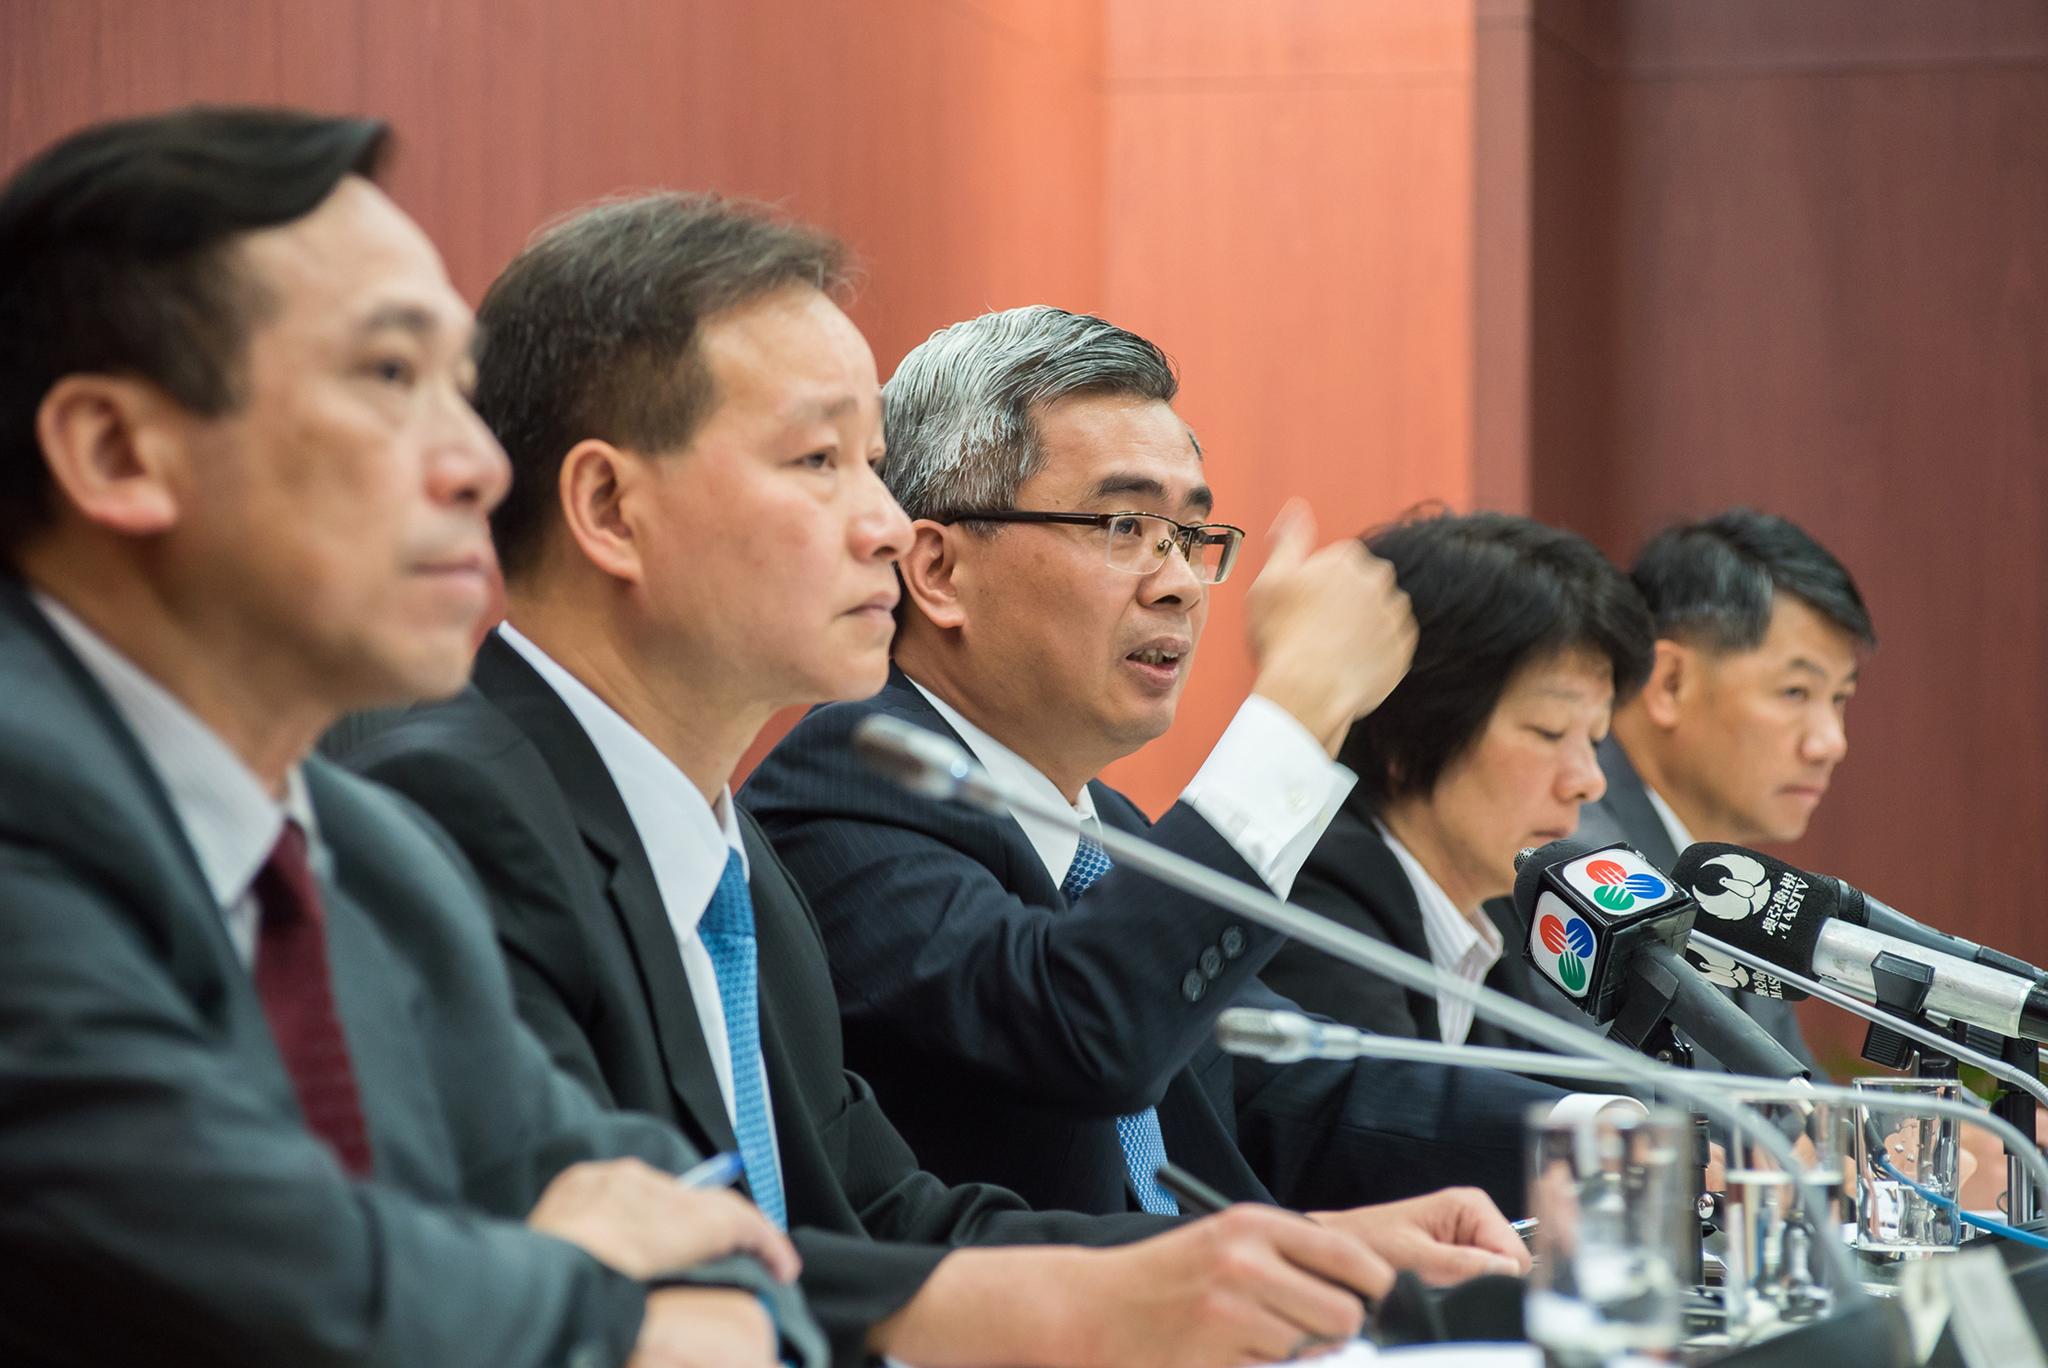 Segurança do Estado | Nova comissão questionada por juristas